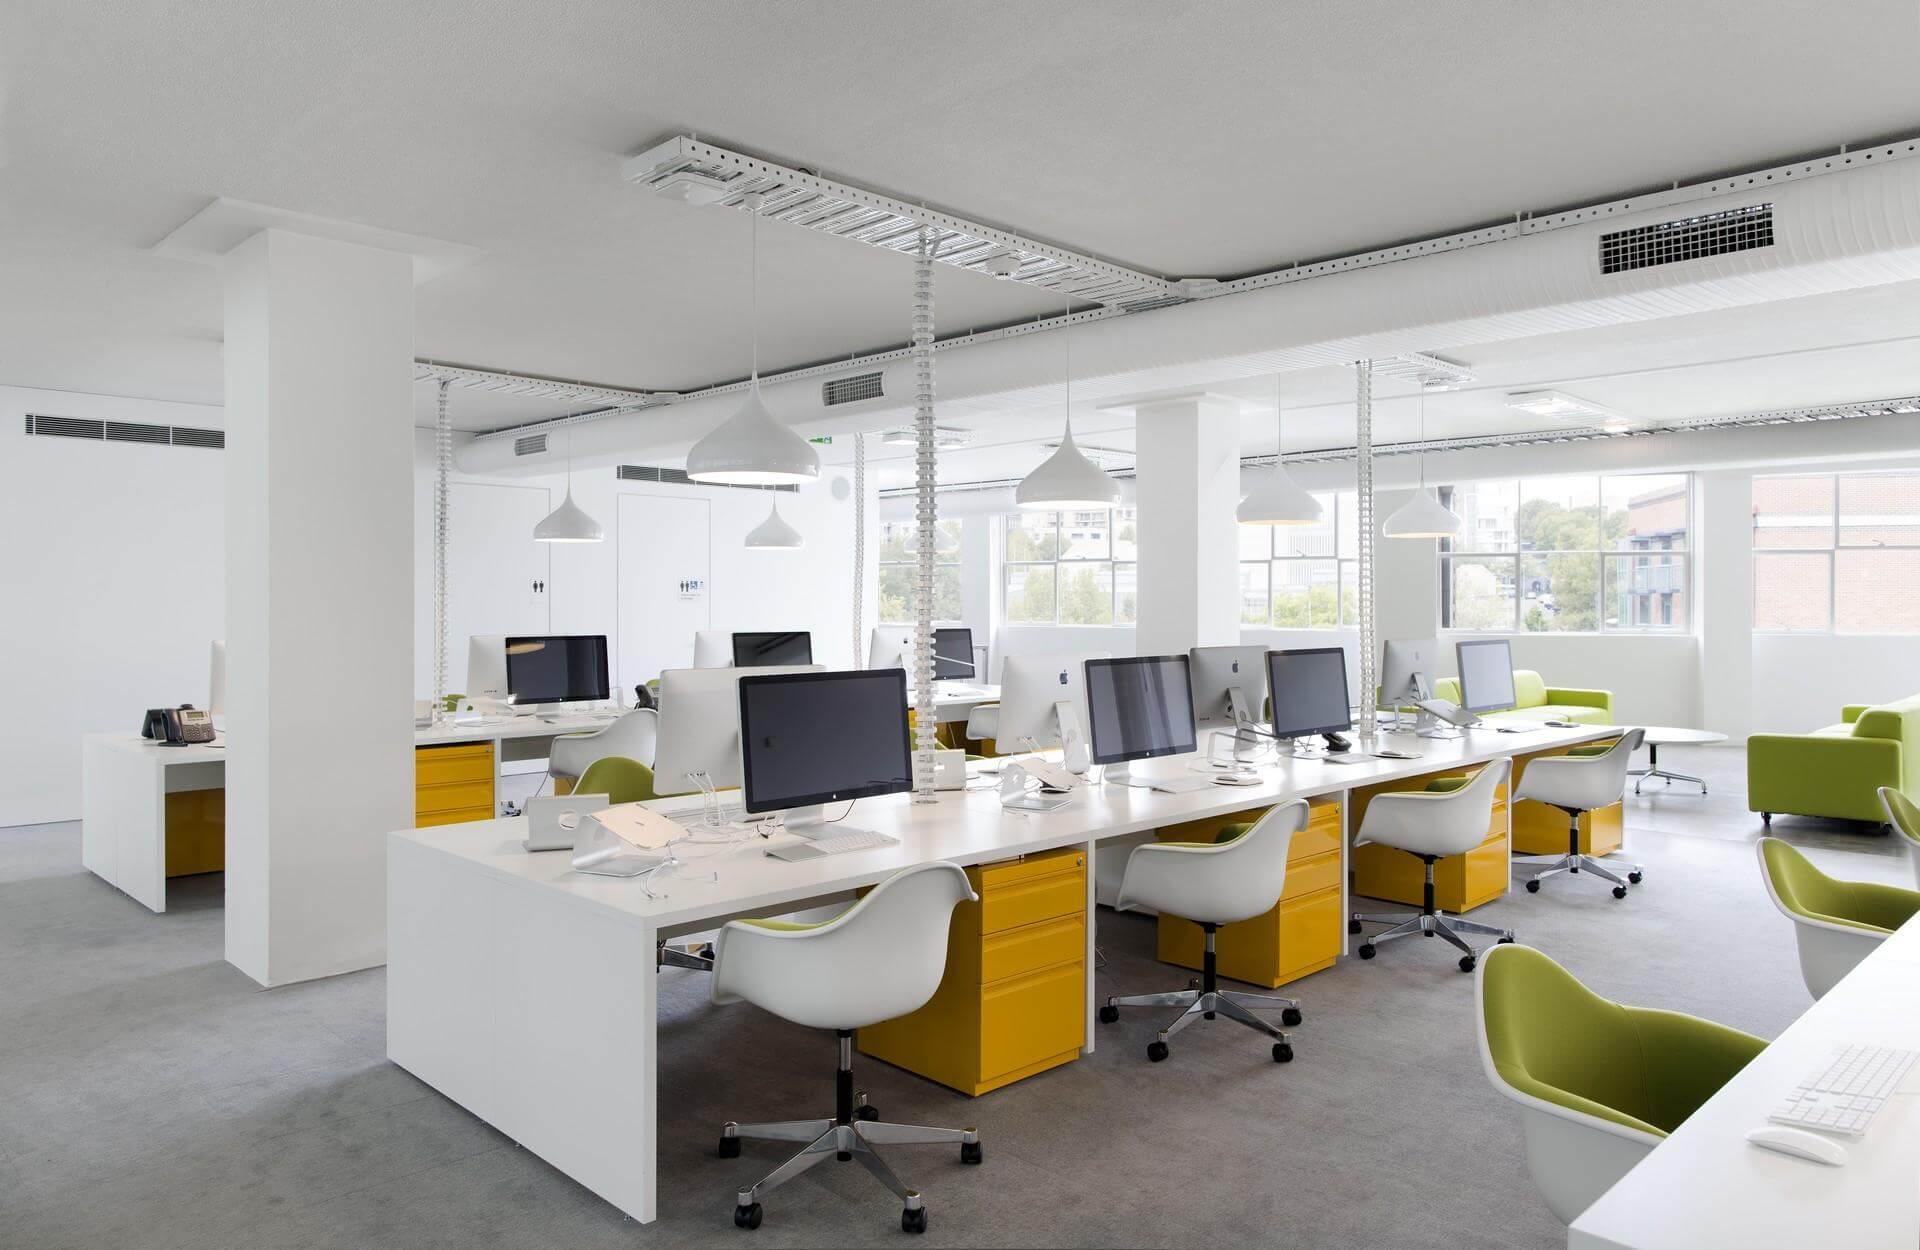 Địa chỉ phù hợp cho dịch vụ thiết kế nội thất văn phòng bạn có thể tin tưởng